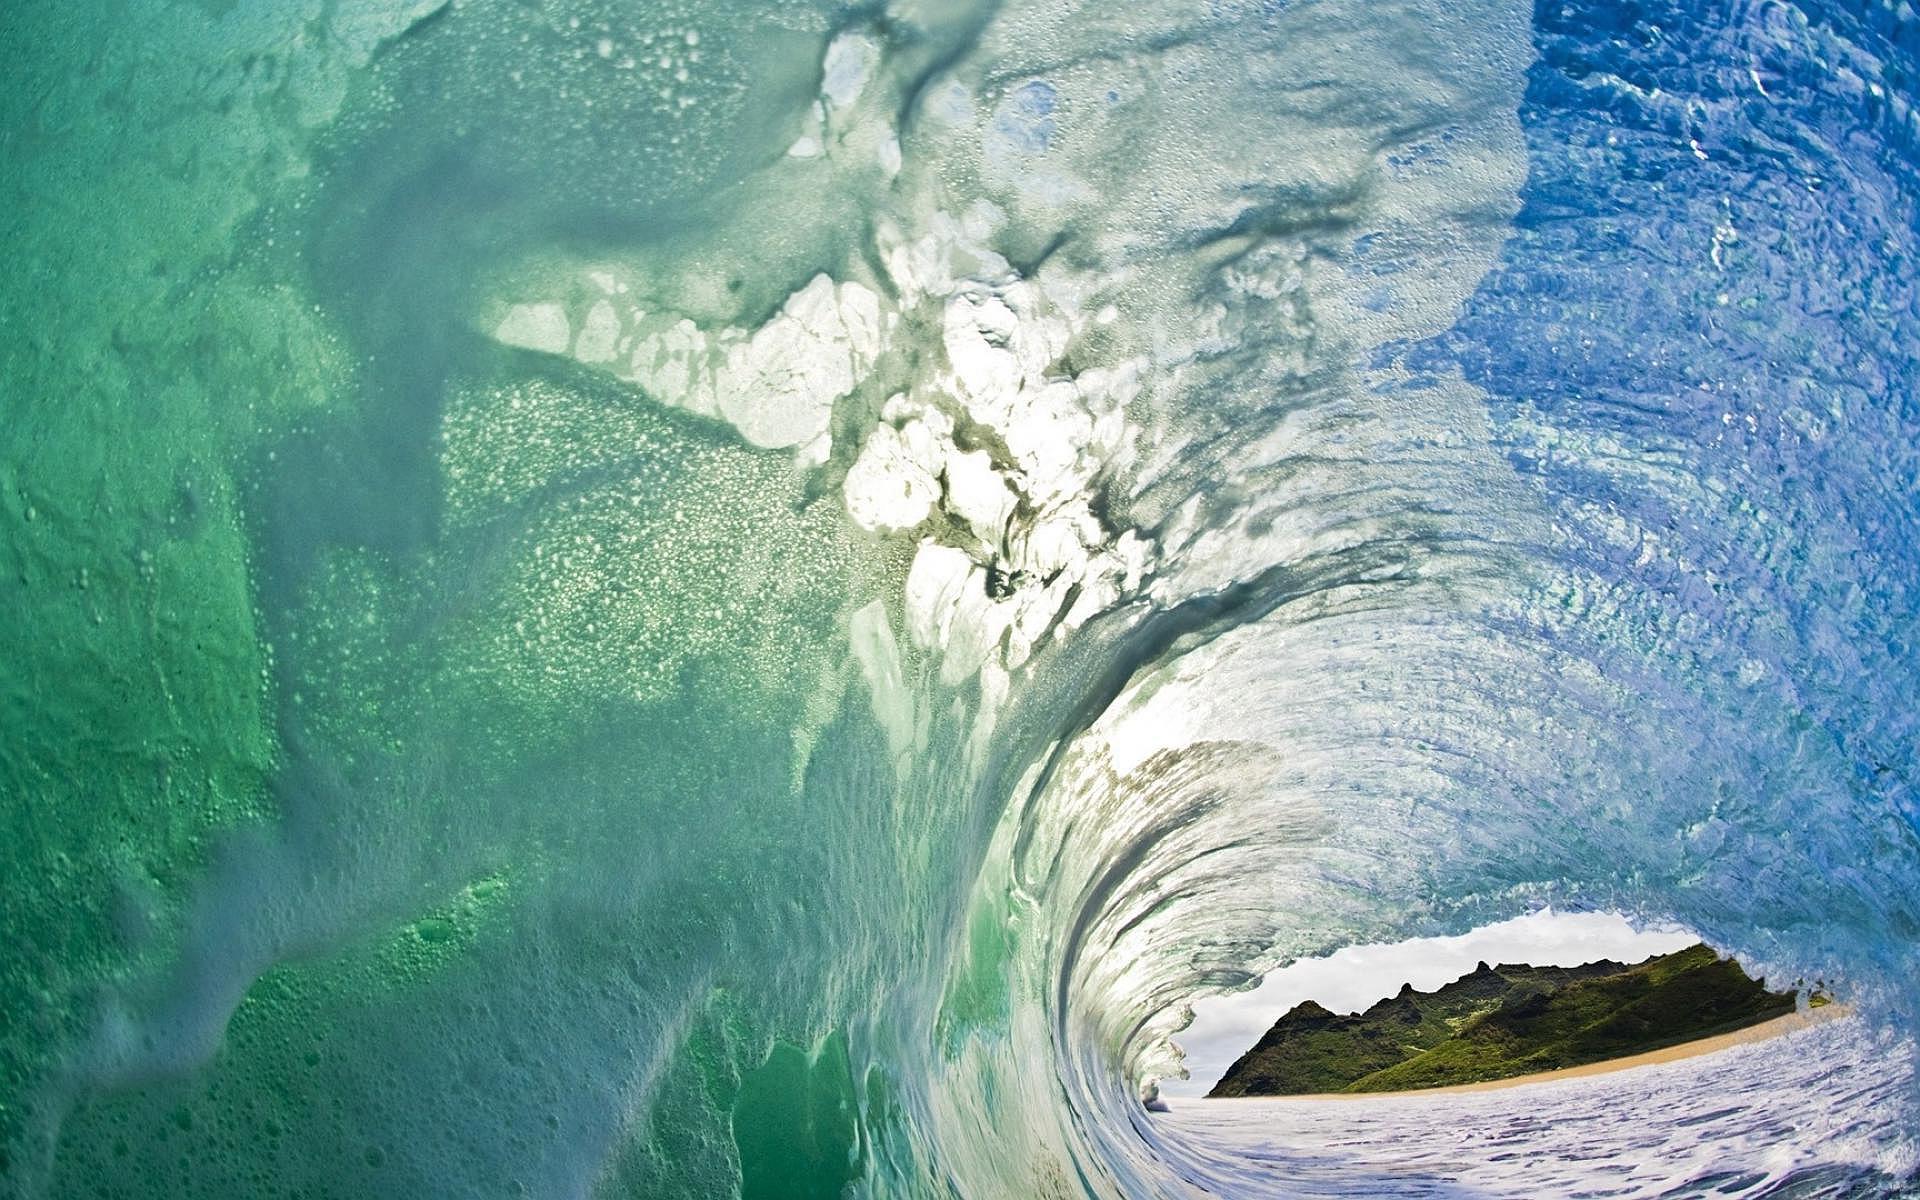 Sea Wave Hd Desktop Wallpapers 4k Hd